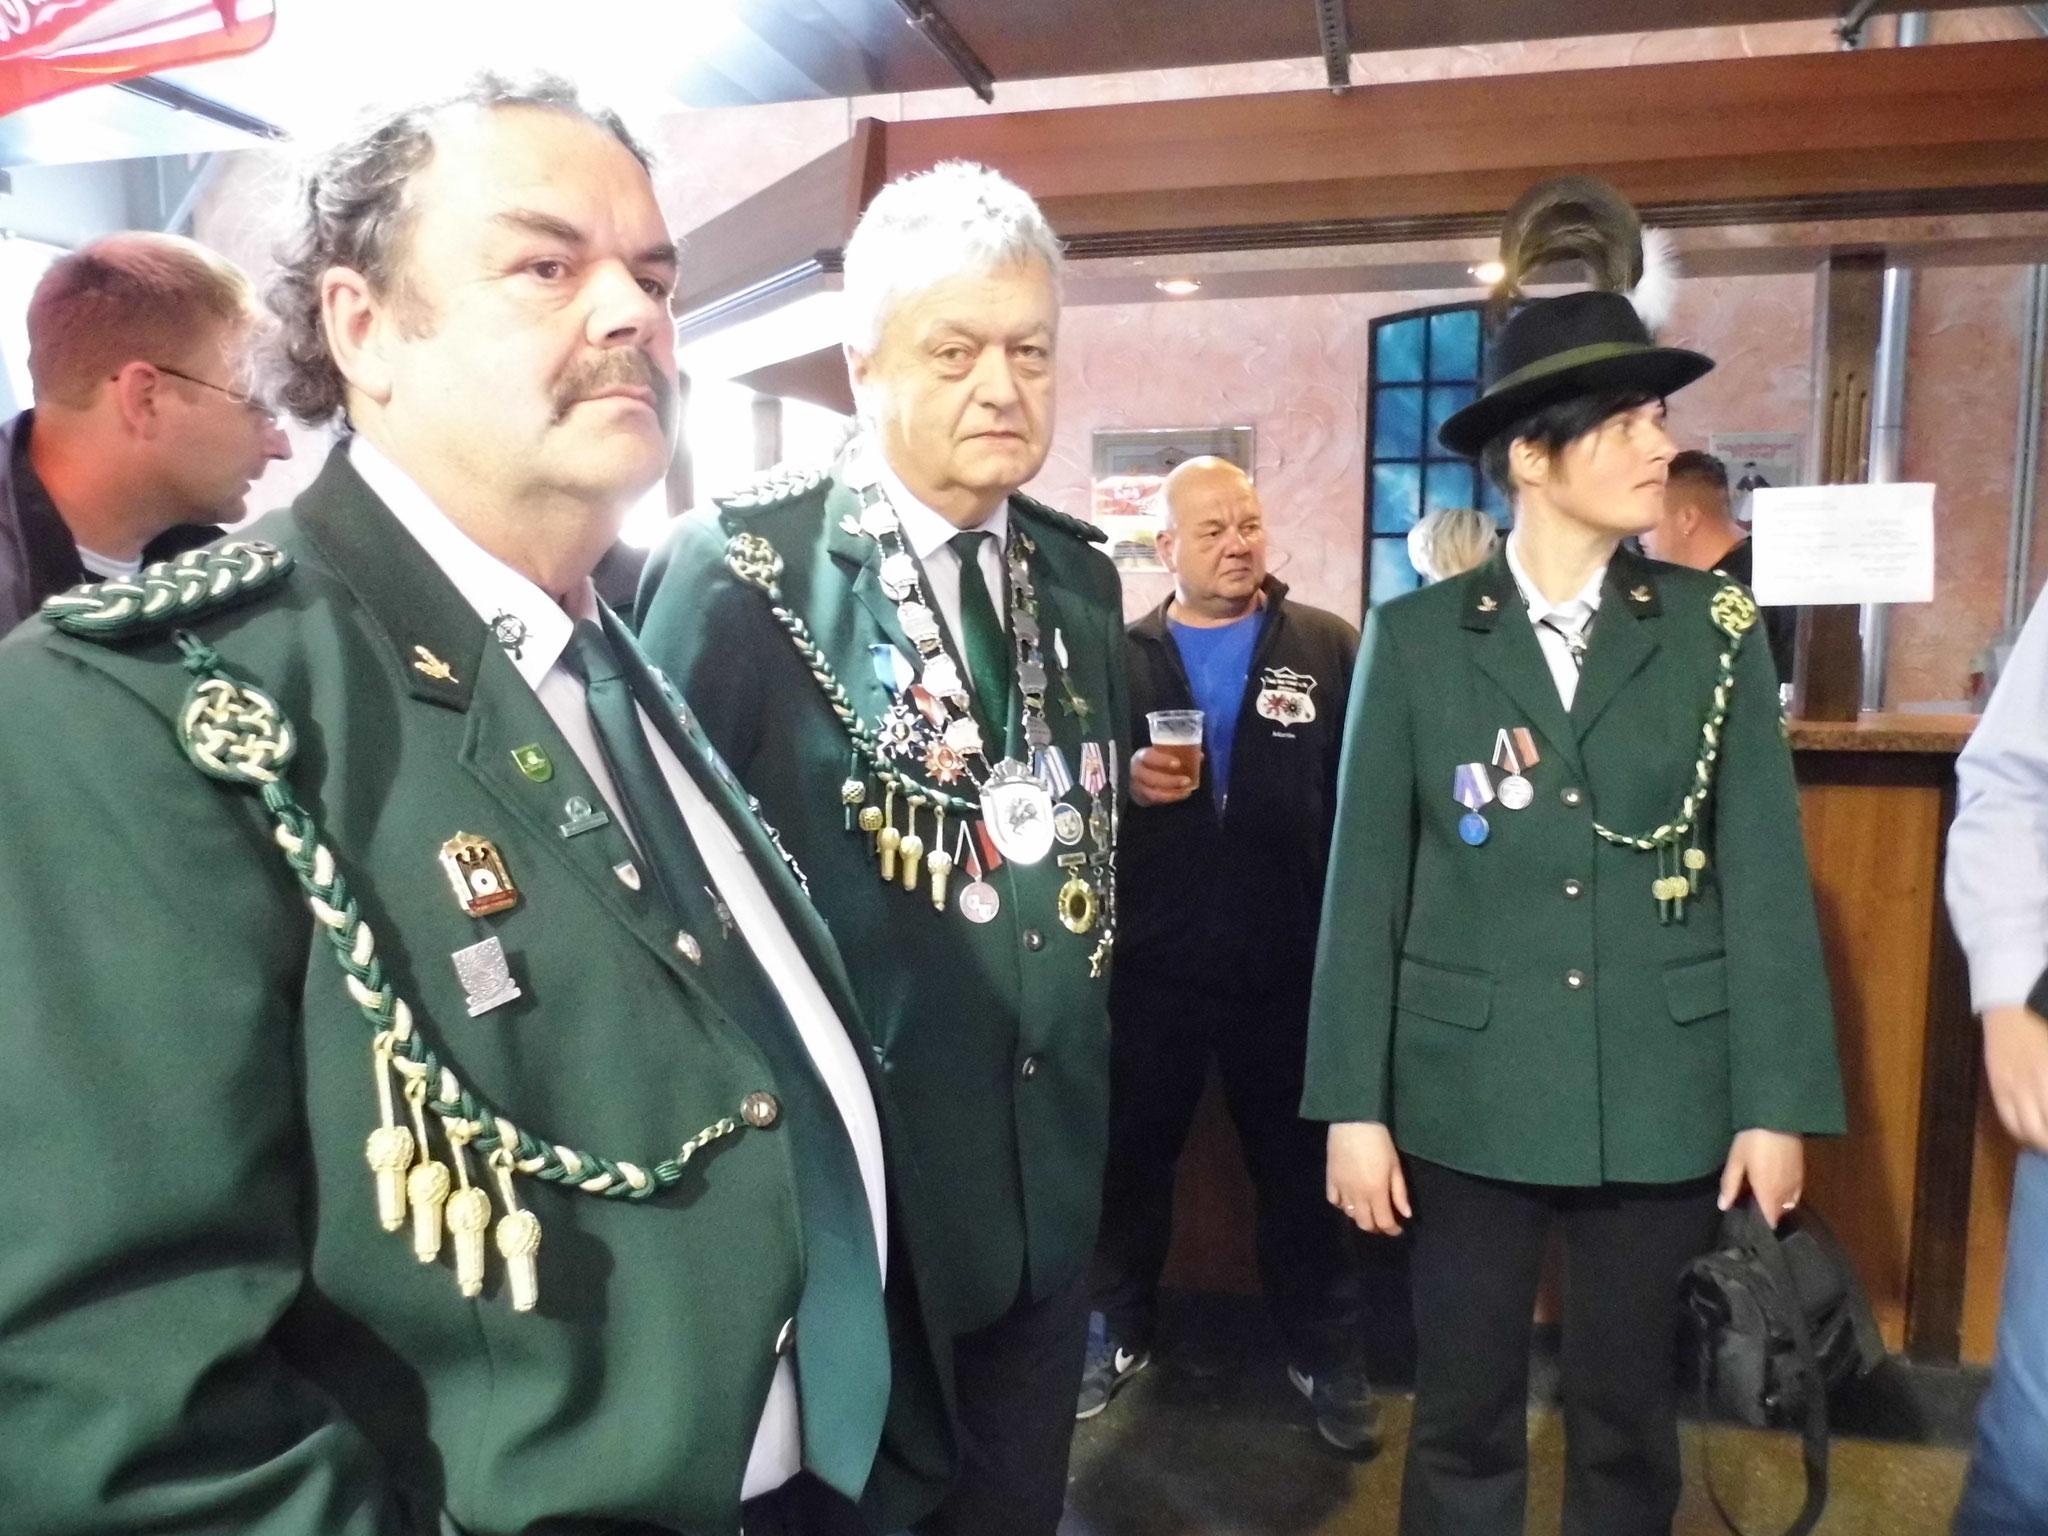 Frank Hügelow, Rainer Klockow und Silke Ristau kurz vor der Siegerehrung in der Stadthalle Torgelow.